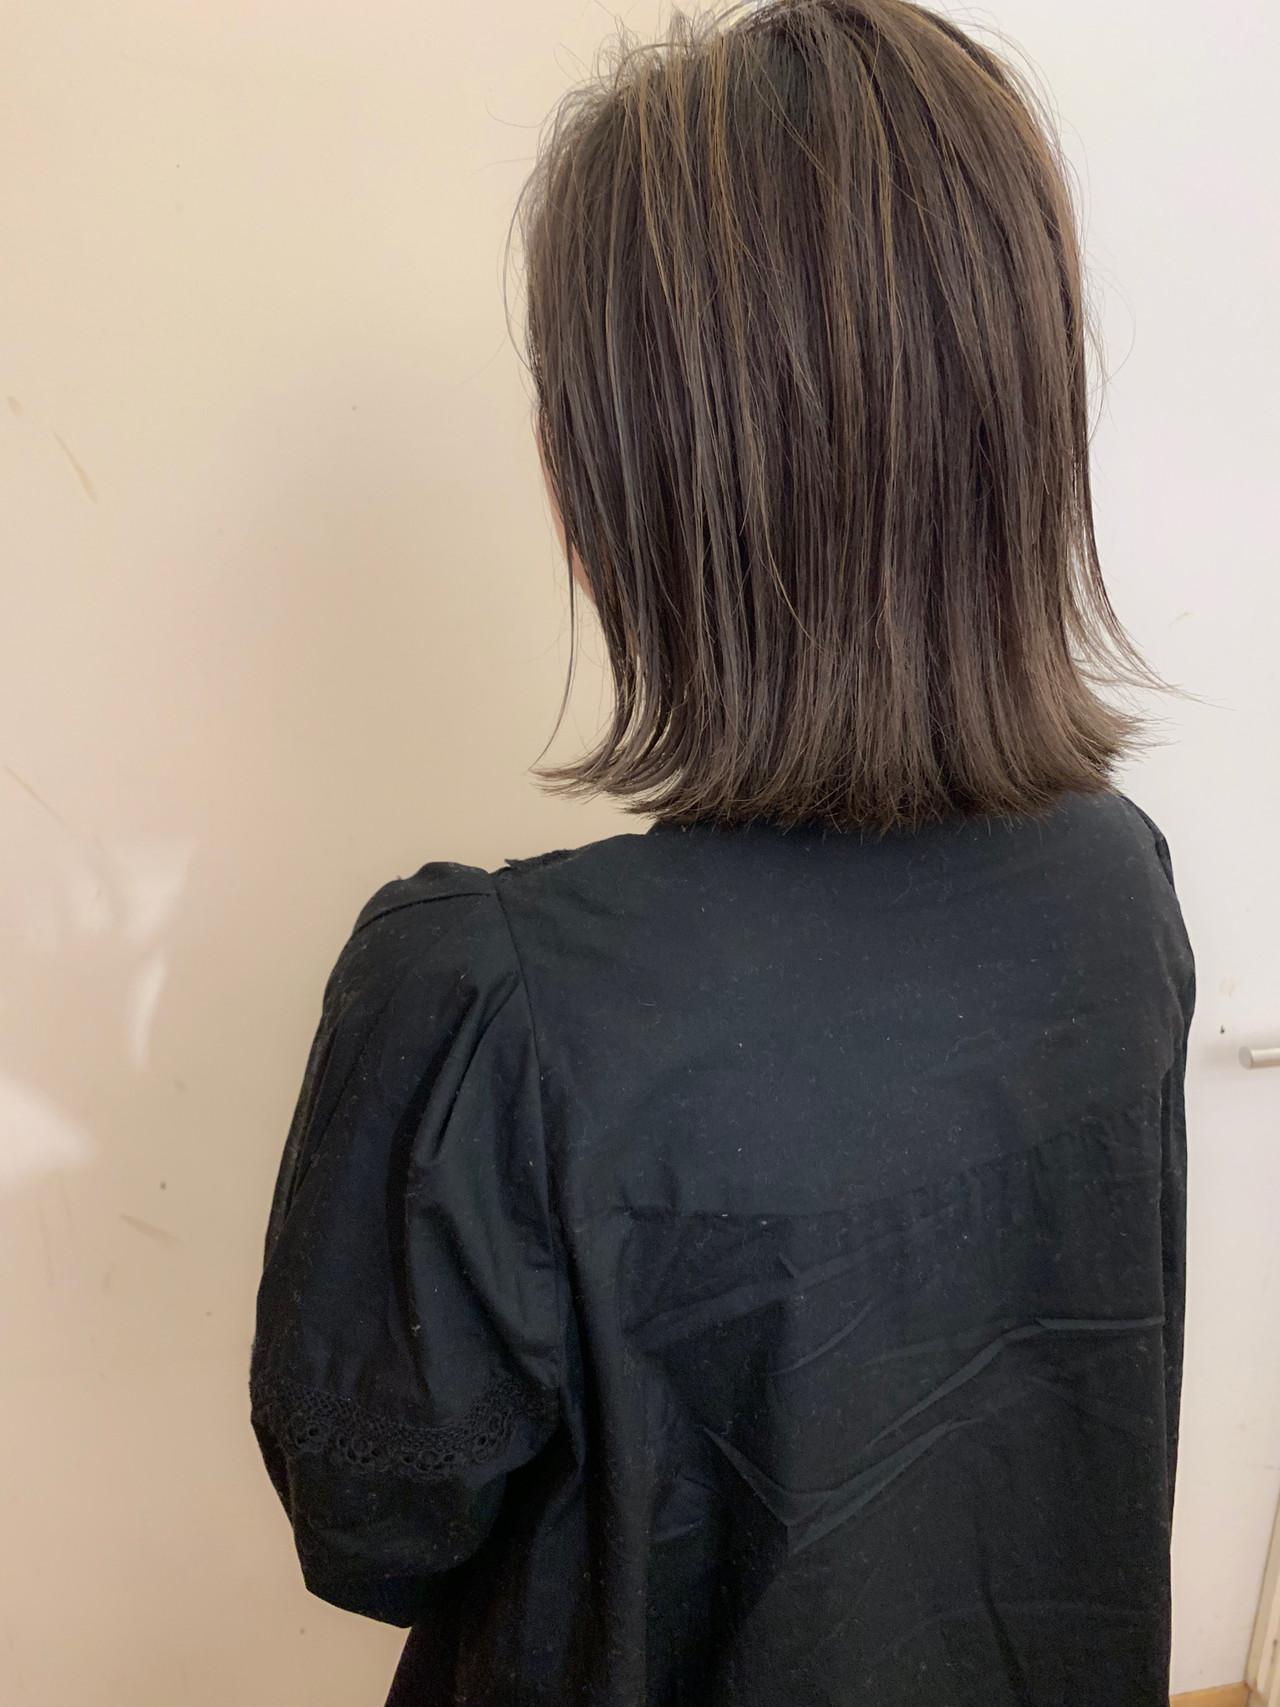 ボブ ショートボブ アンニュイほつれヘア 大人かわいい ヘアスタイルや髪型の写真・画像 | yumiko/sapporoSKNOW / SKNOW